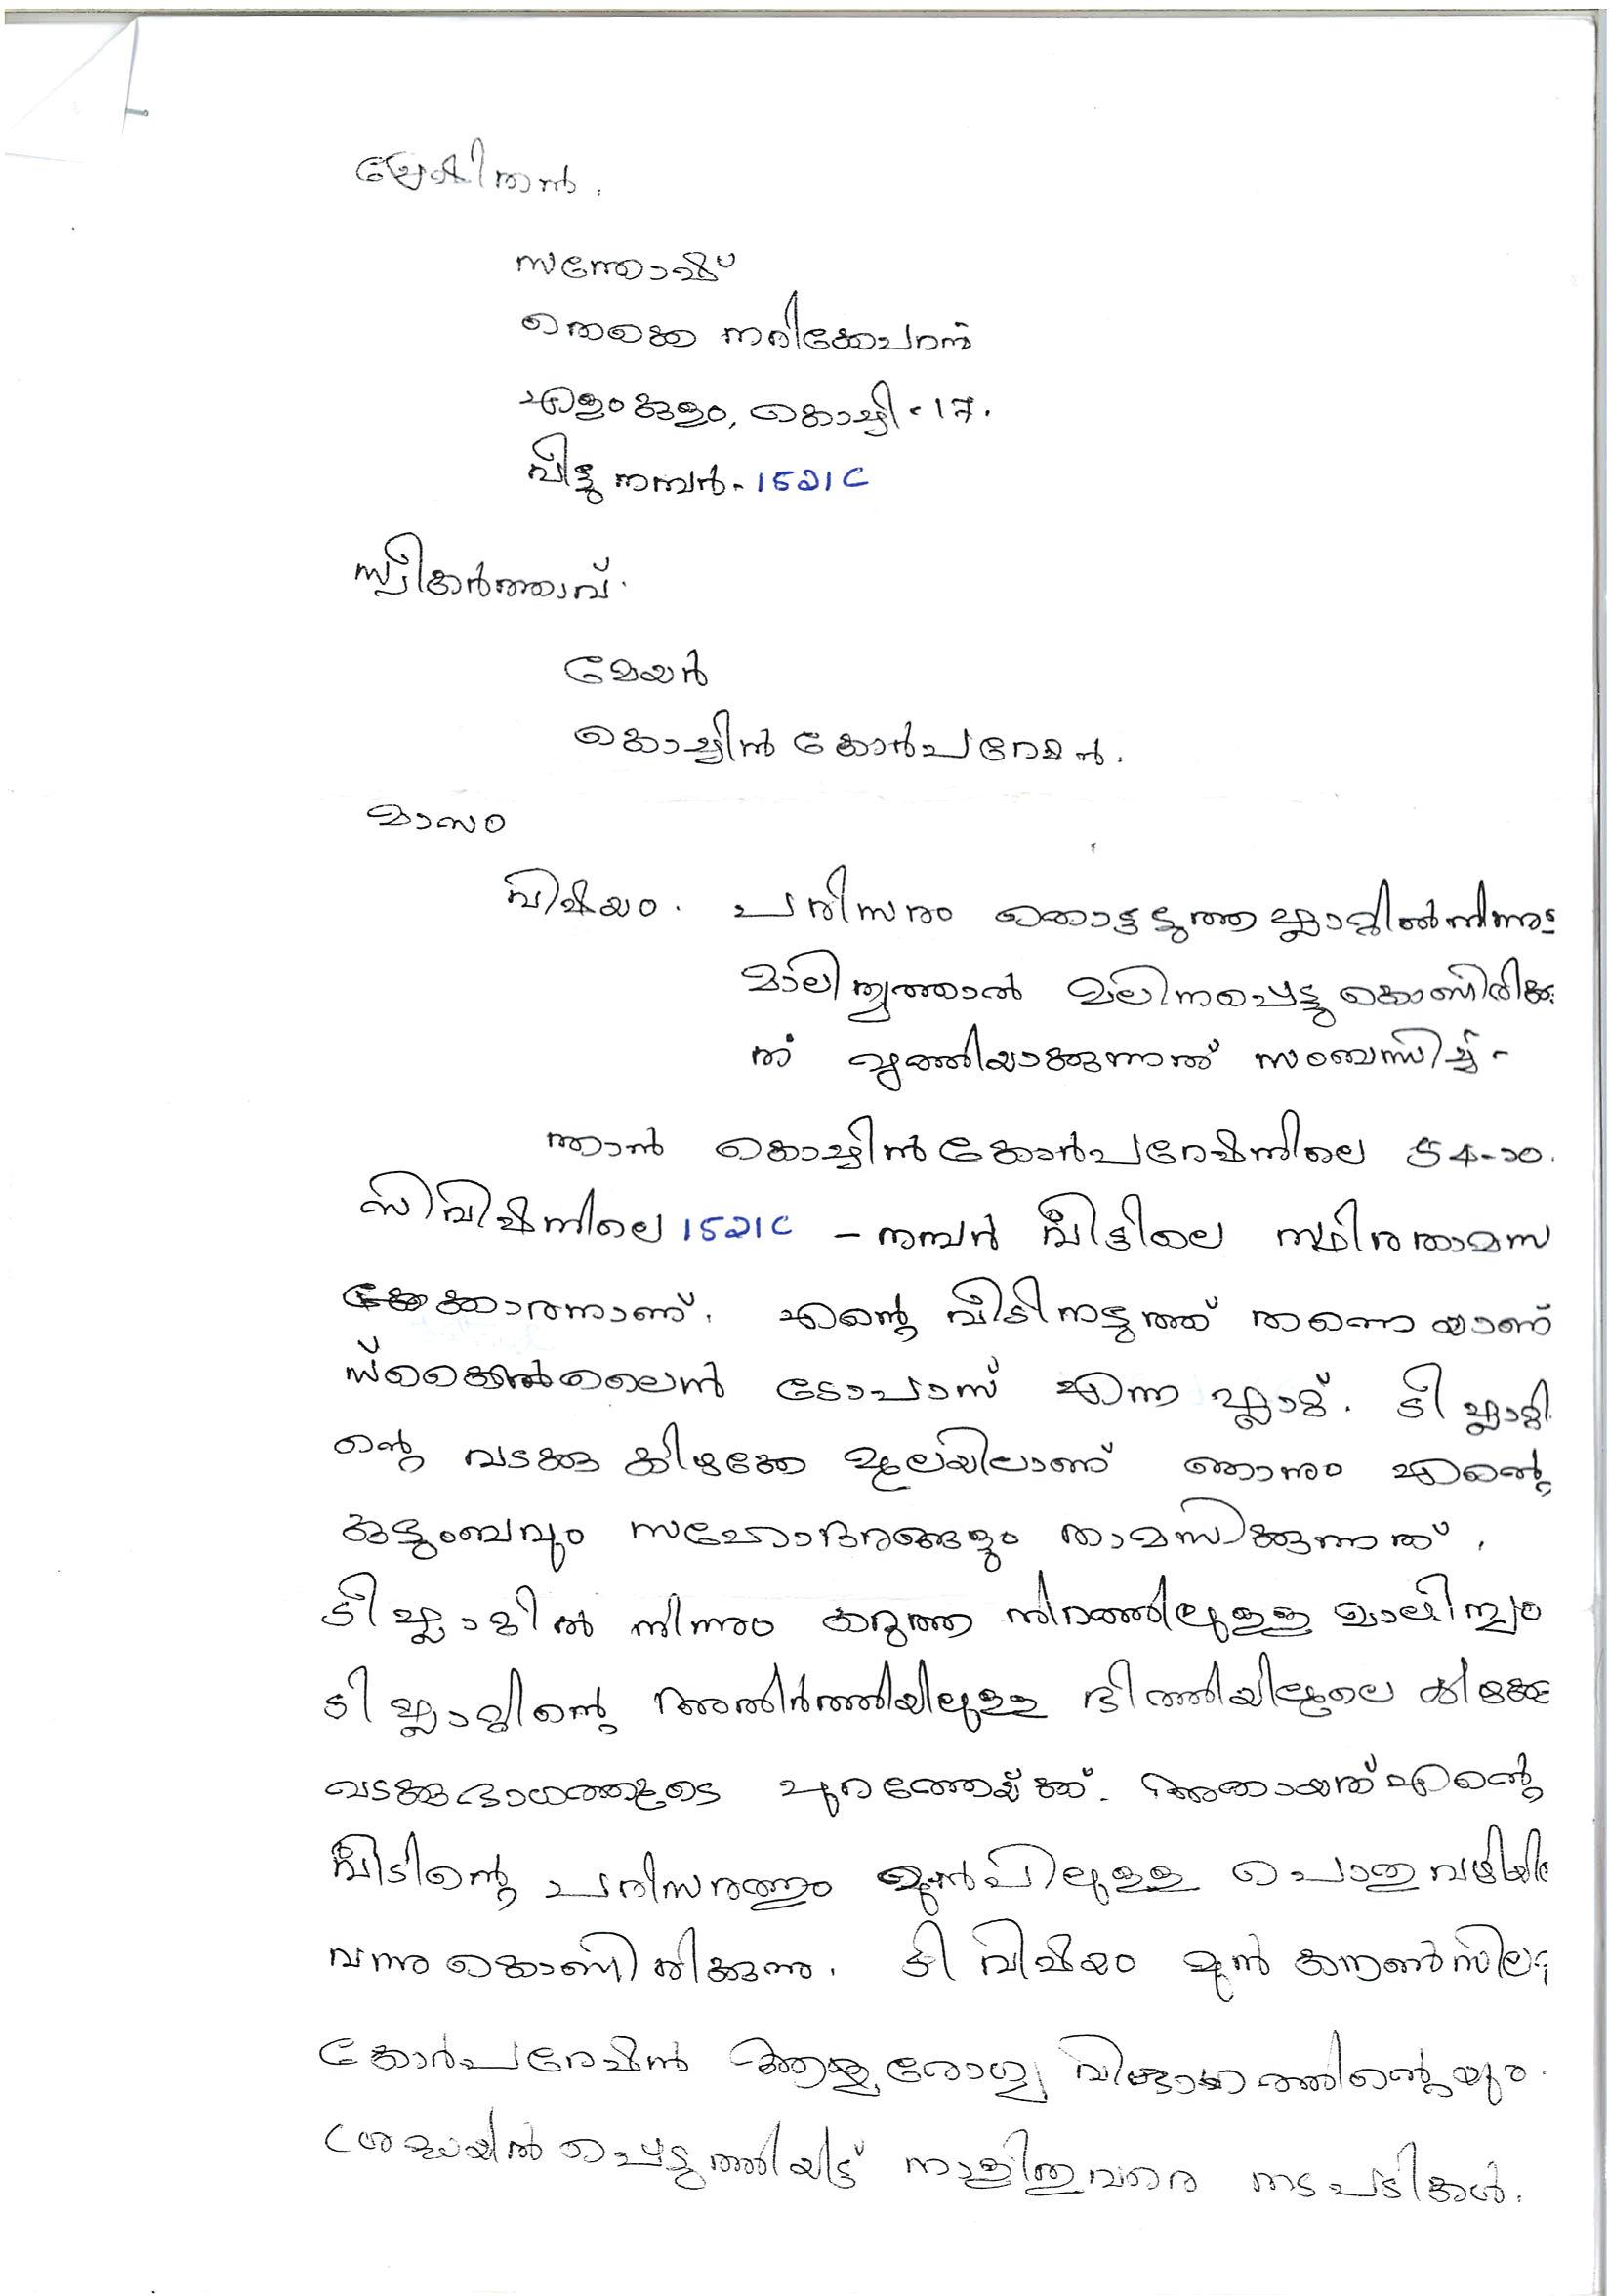 complaint-letter-1